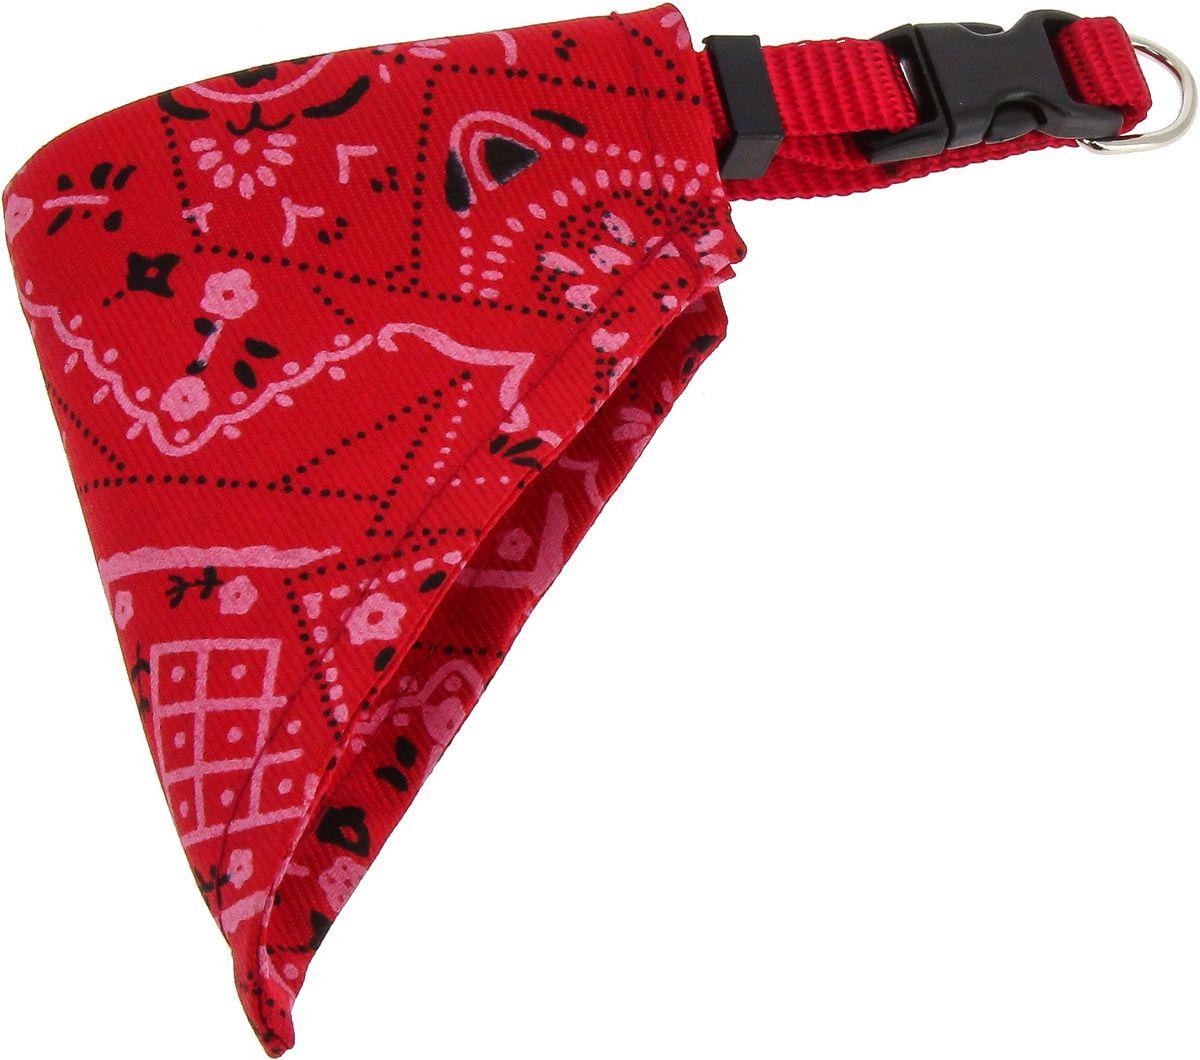 Ошейник для собак Каскад, с косынкой, цвет: красный, ширина 20 мм, длина 35-50 см00220041-02